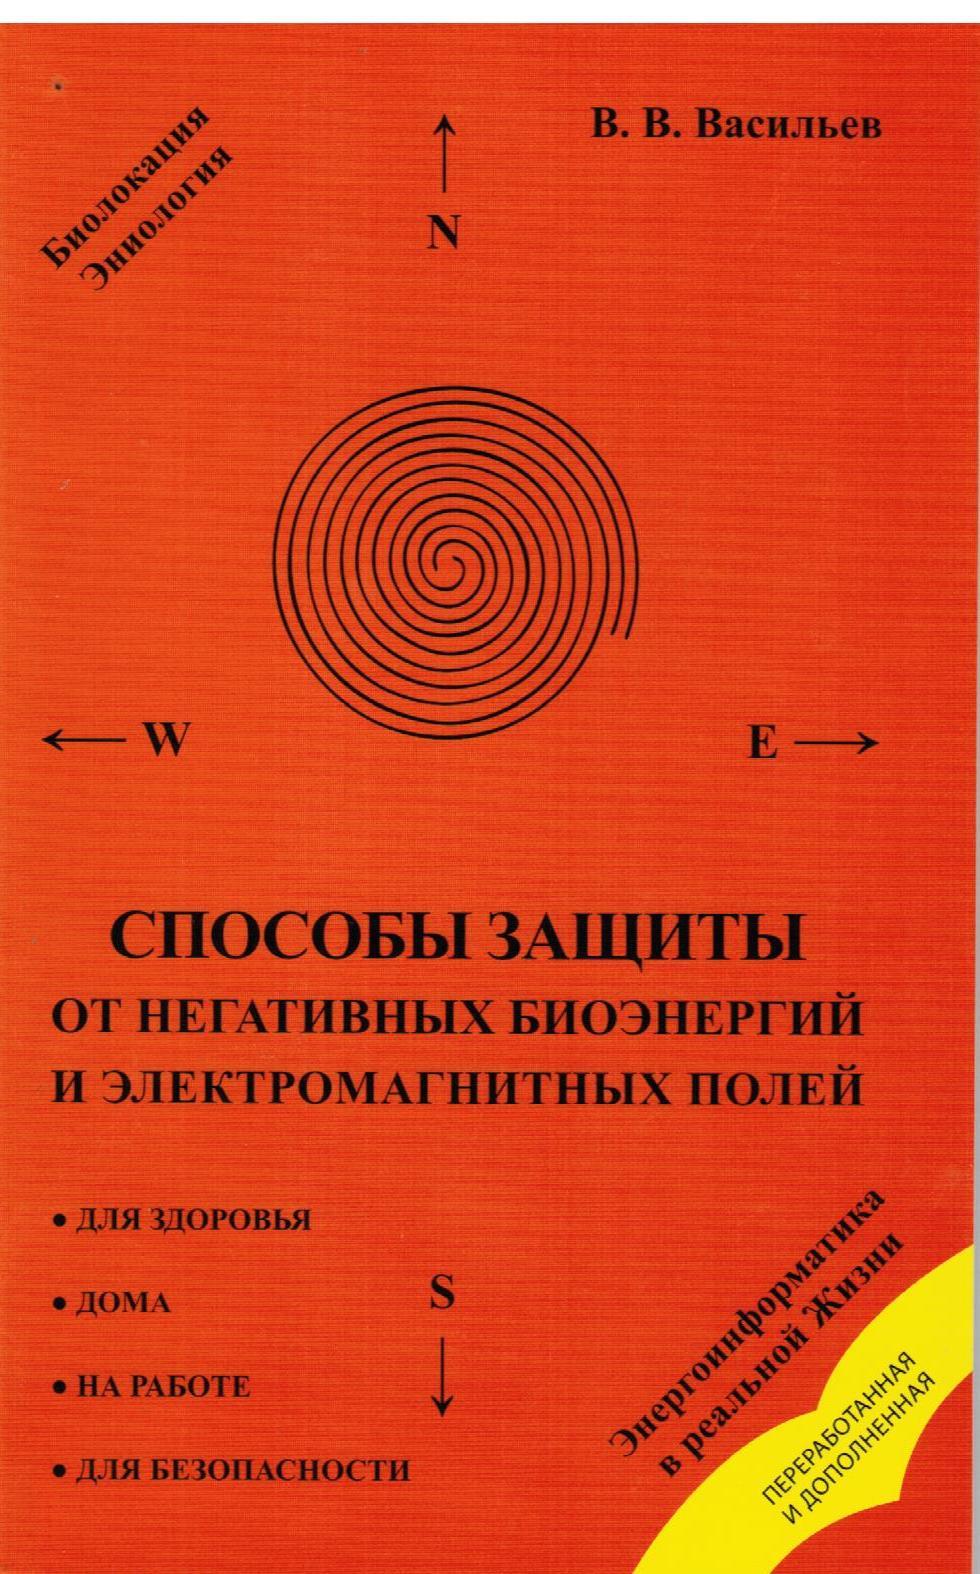 Способы защиты от негативных биоэнергий (3-е изд.) и электромагнитных полей